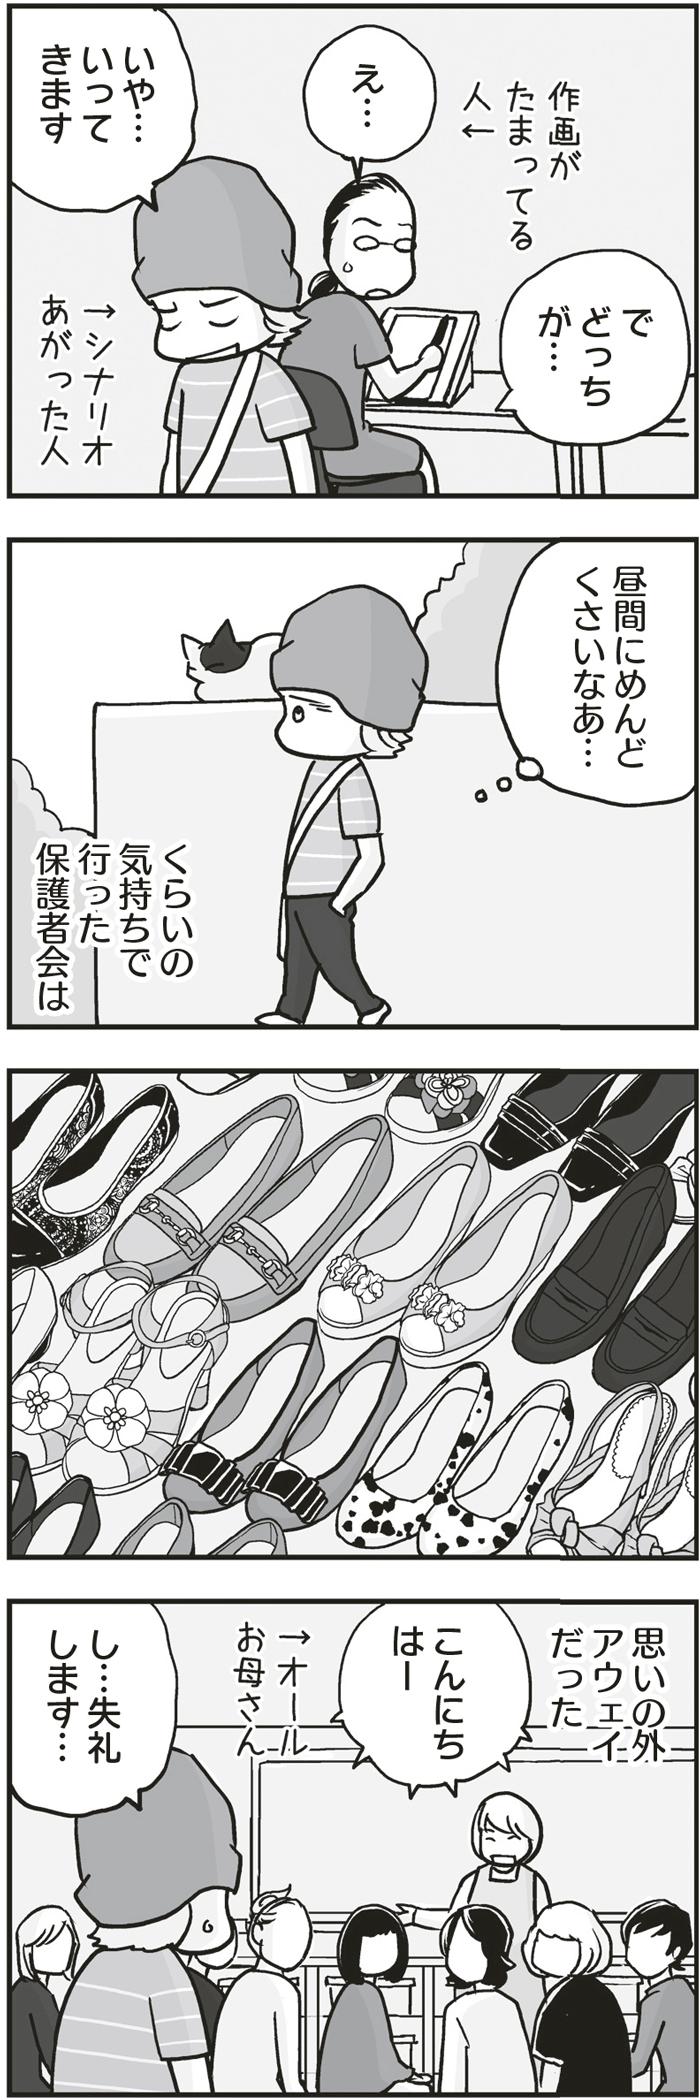 """""""イクメン""""と言われてモヤモヤ…パパが感じる「育児の壁」とは?の画像3"""